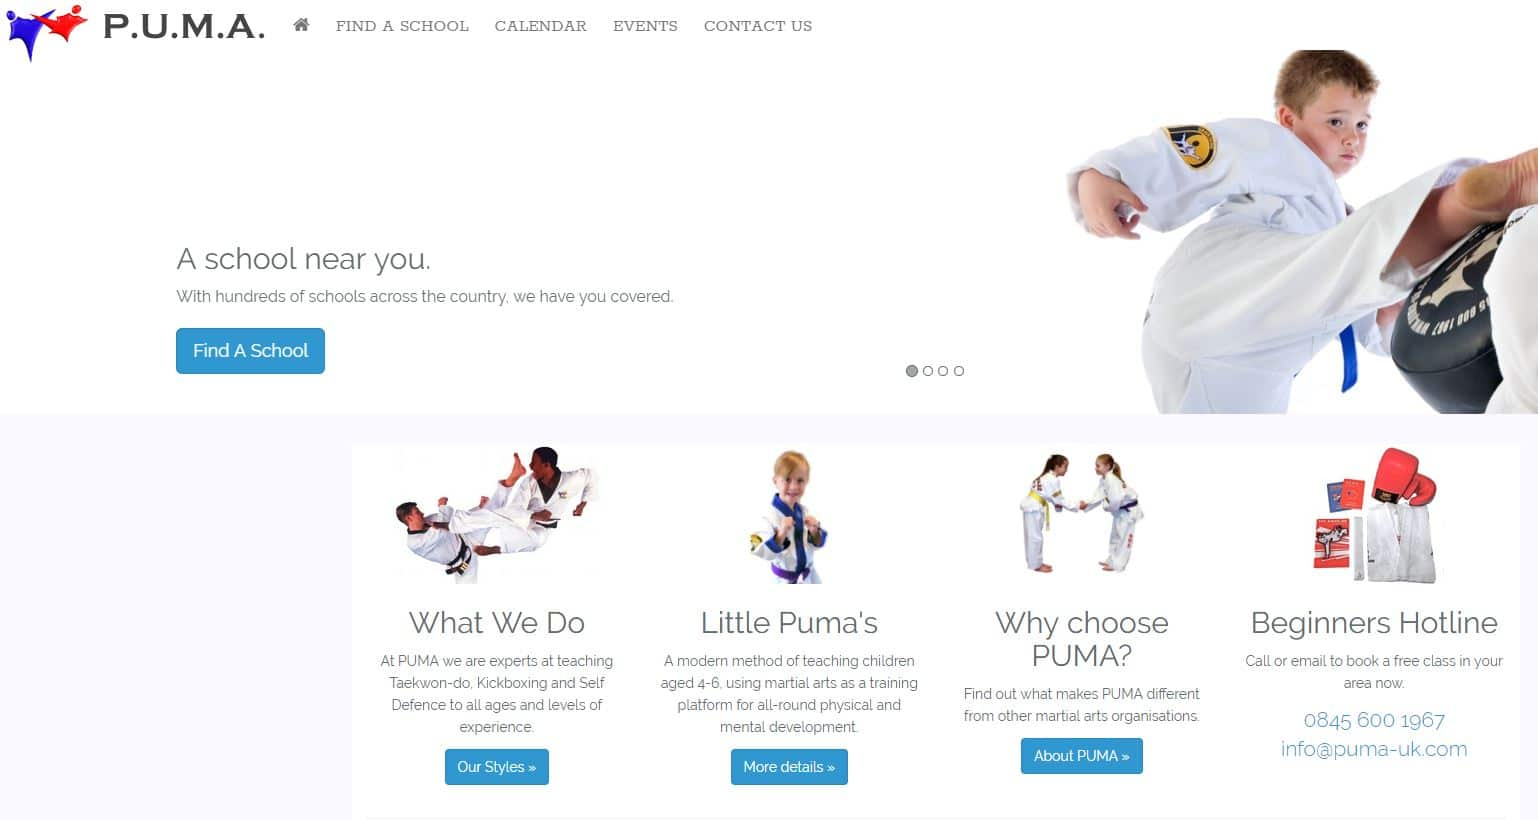 New PUMA Website